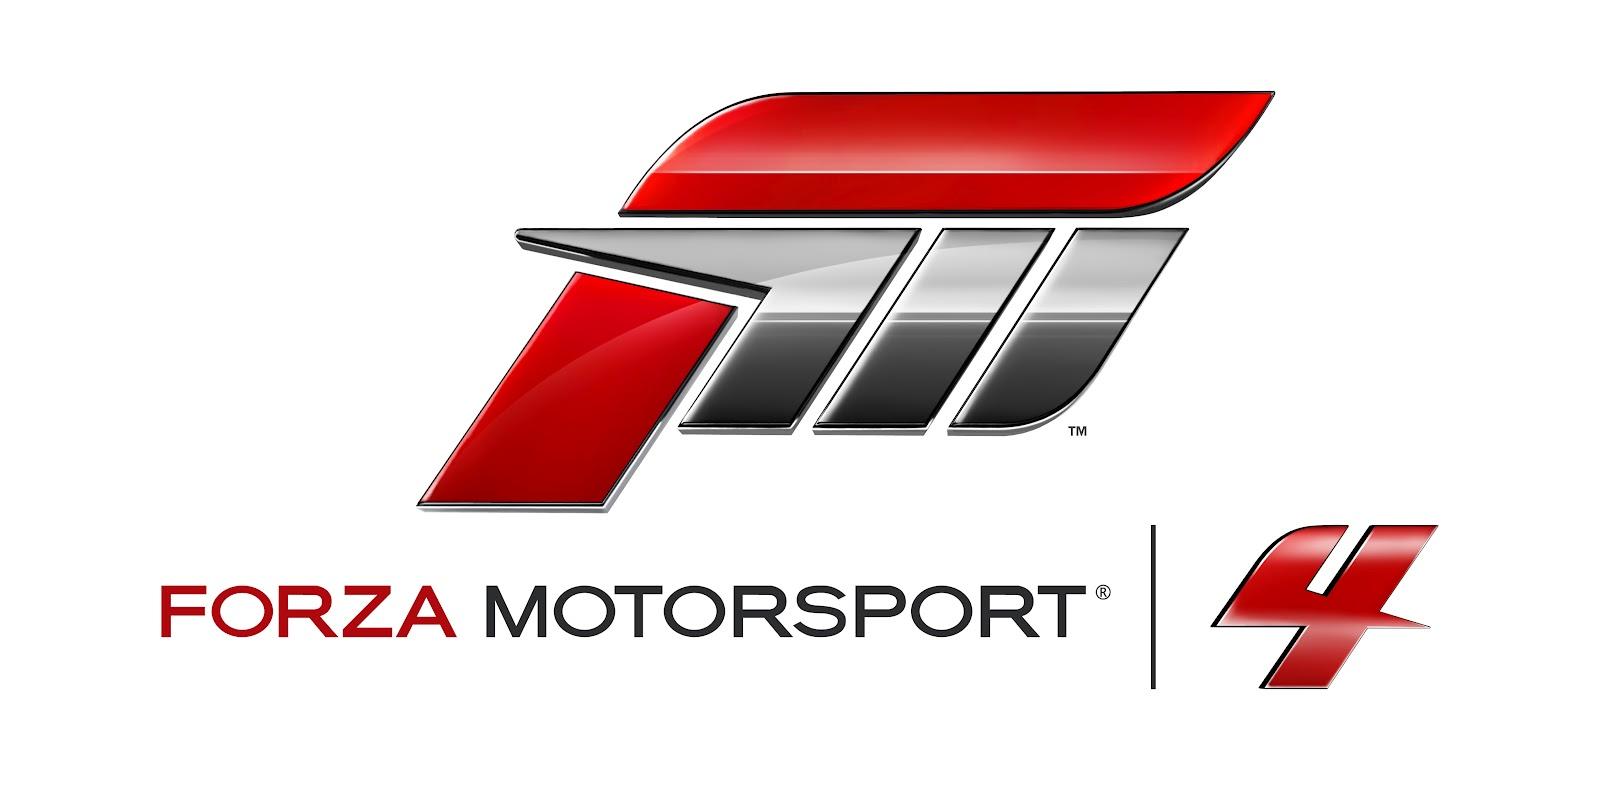 11 Horizon Logo PSD Images